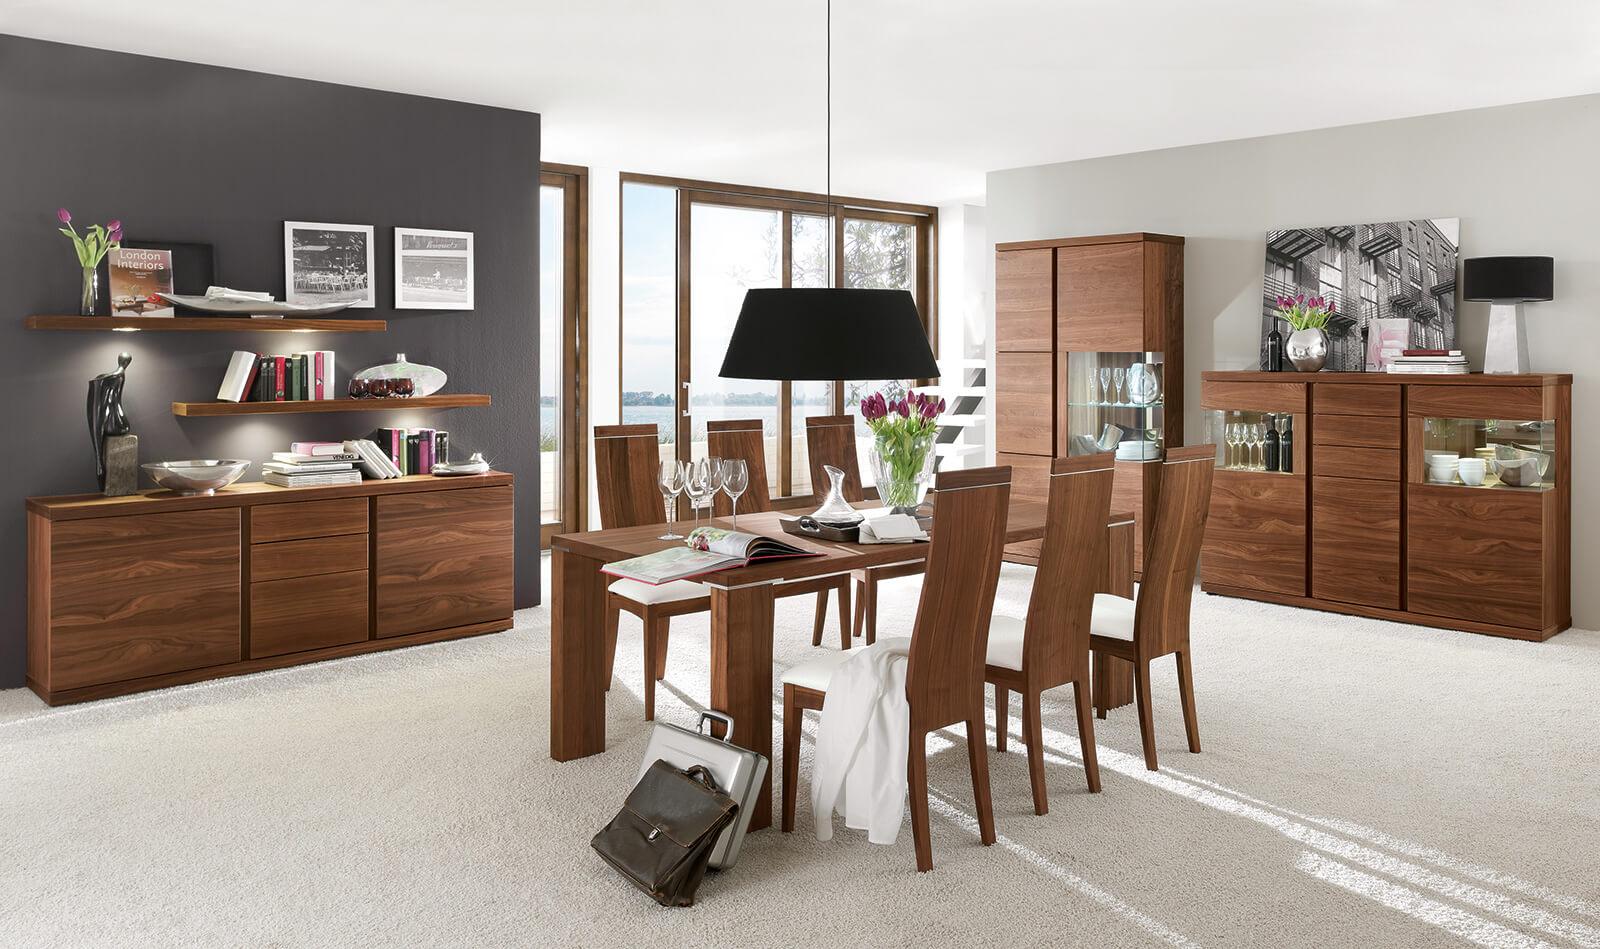 dining rooms ranges v plus 60 venjakob mapbel vorsprung room